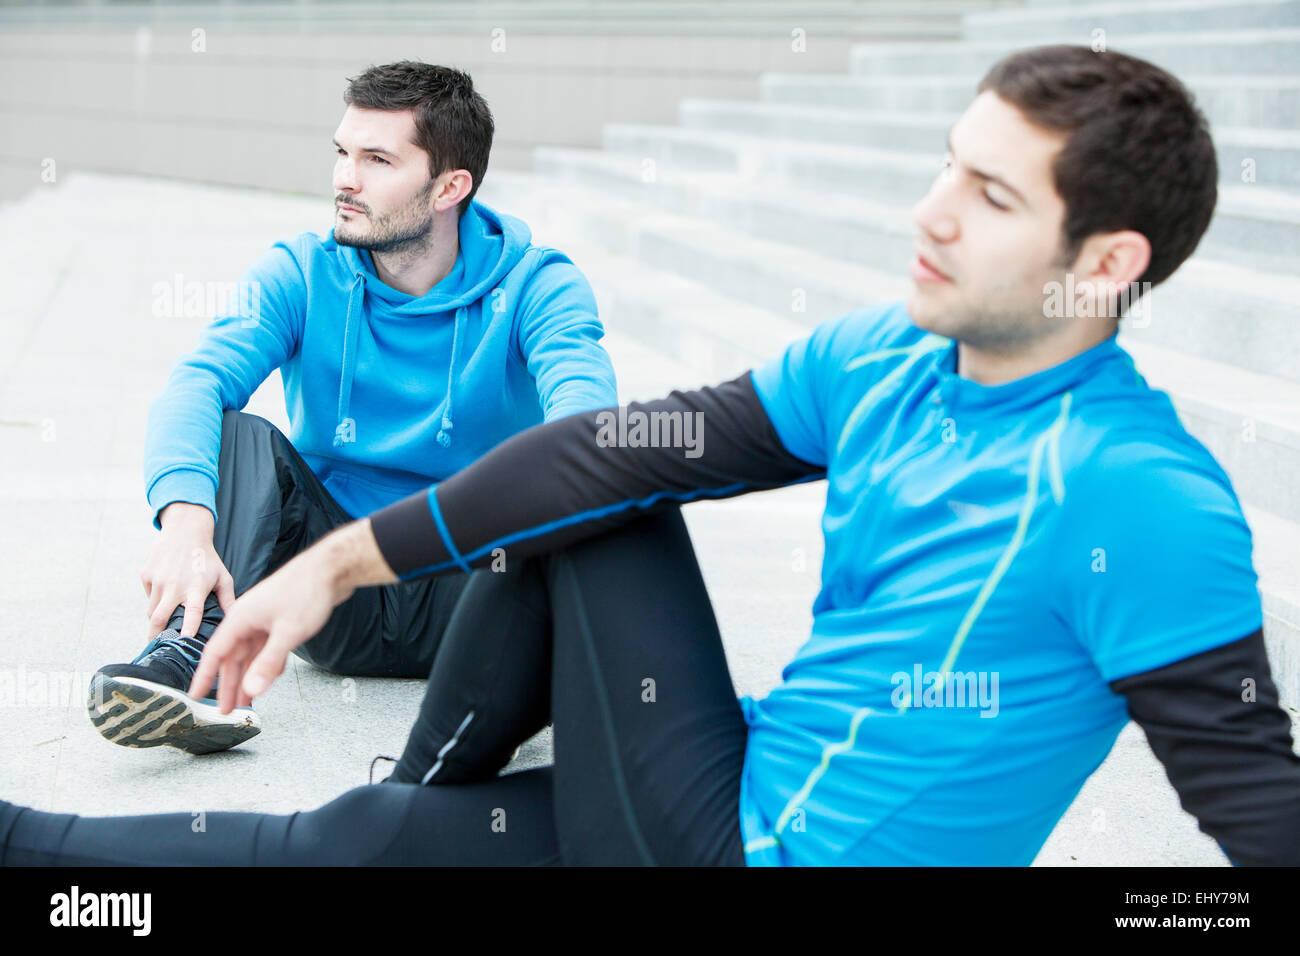 Male runners taking a break - Stock Image